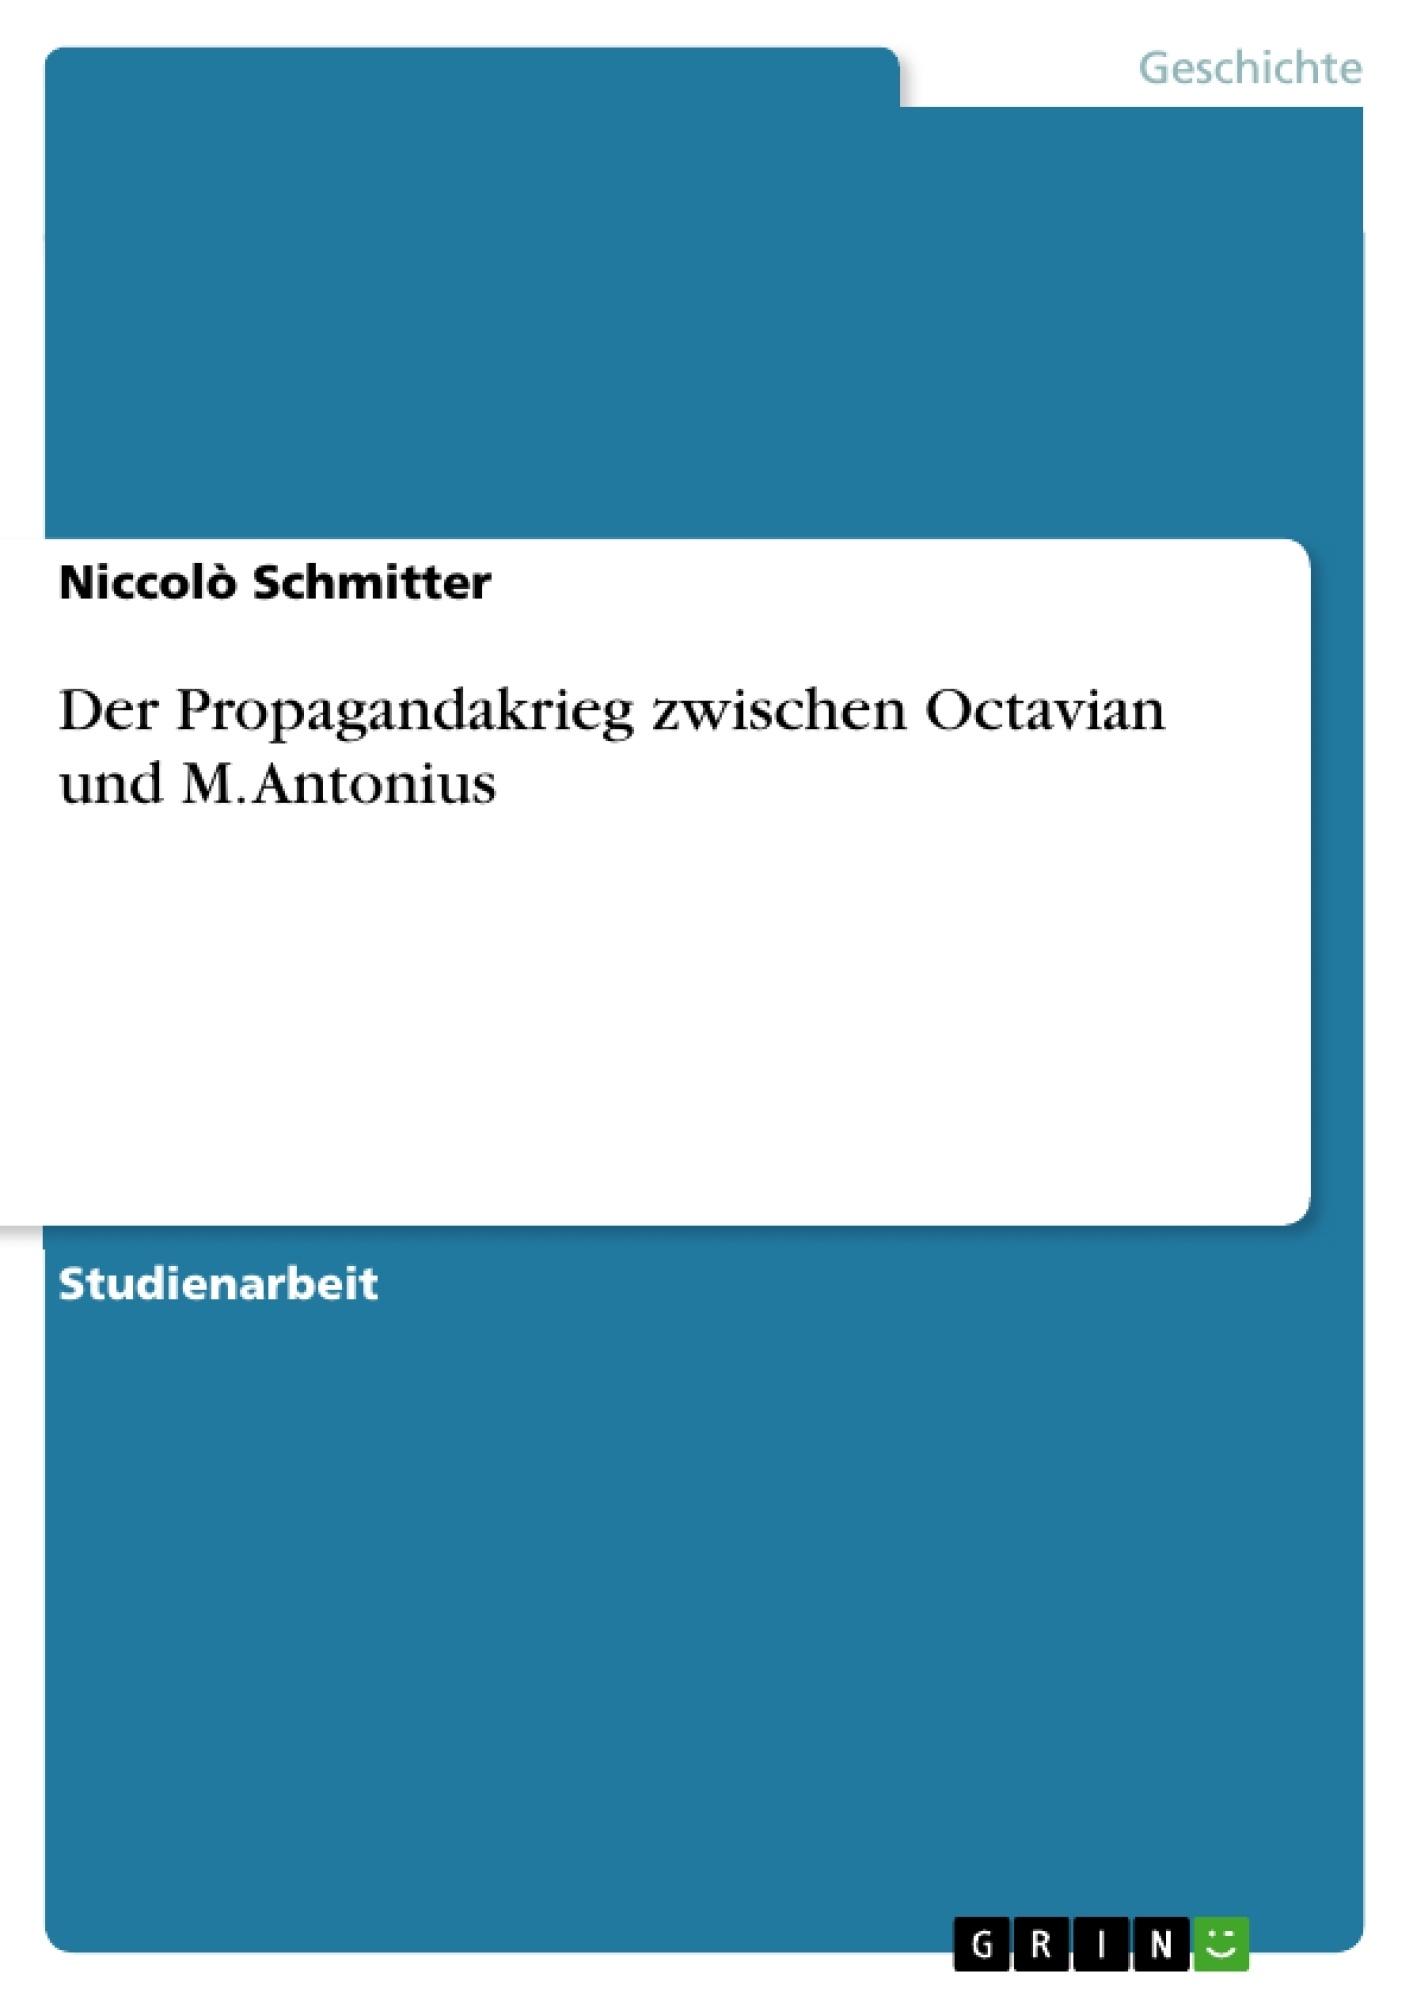 Titel: Der Propagandakrieg zwischen Octavian und M. Antonius